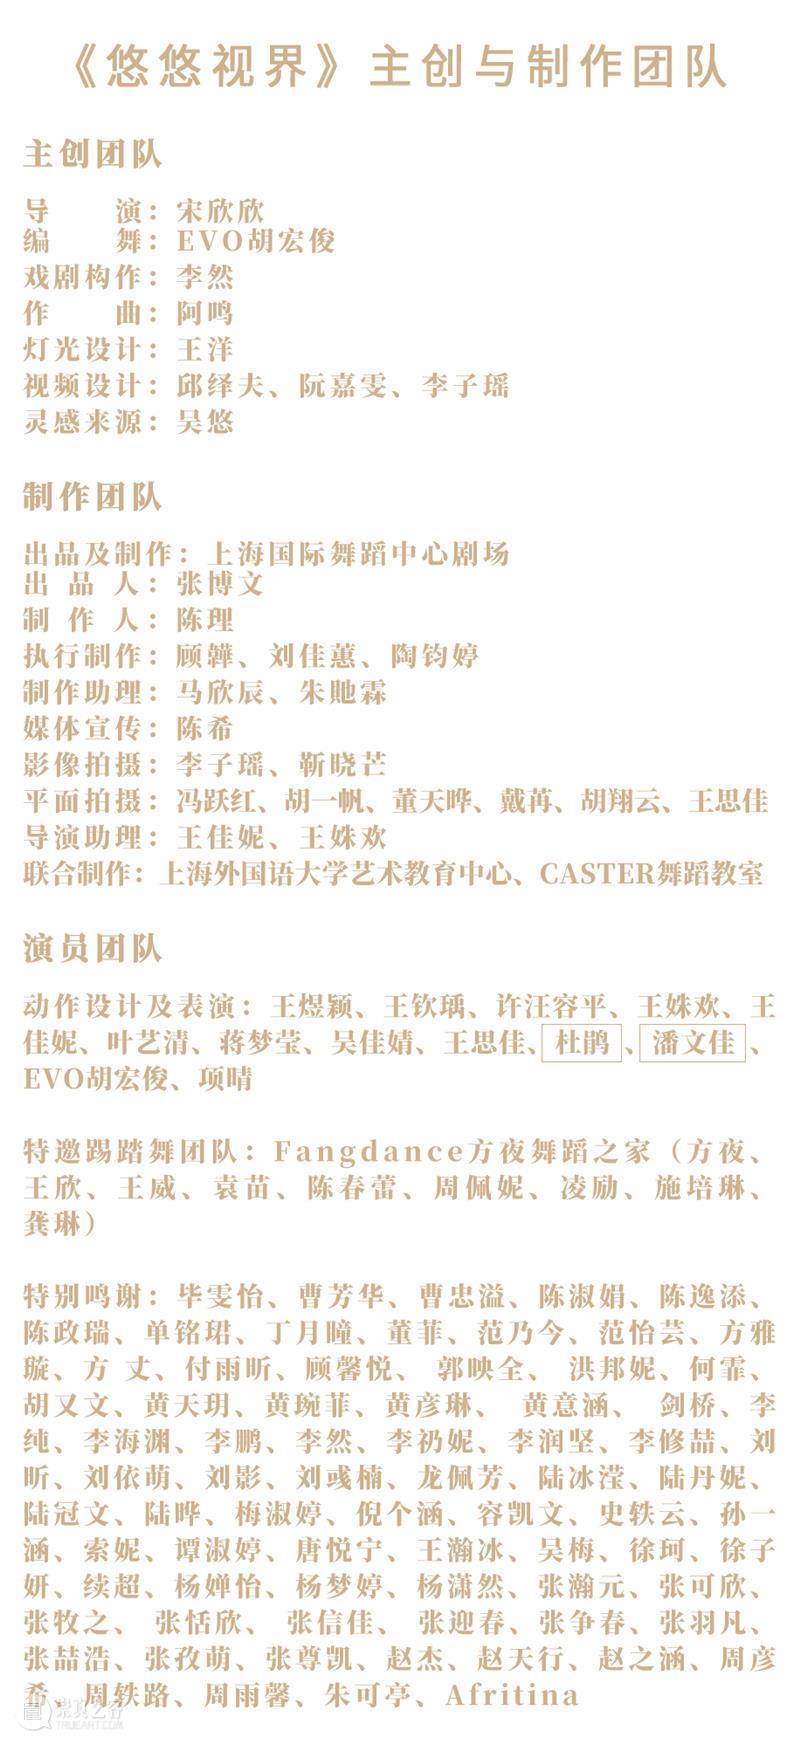 舞蹈剧场《悠悠视界》在北京:2021第三届星空艺术节线下公益放映报名中 星空 艺术节 剧场 悠悠视界 舞蹈 公益 北京 包容性 作品 单元 崇真艺客